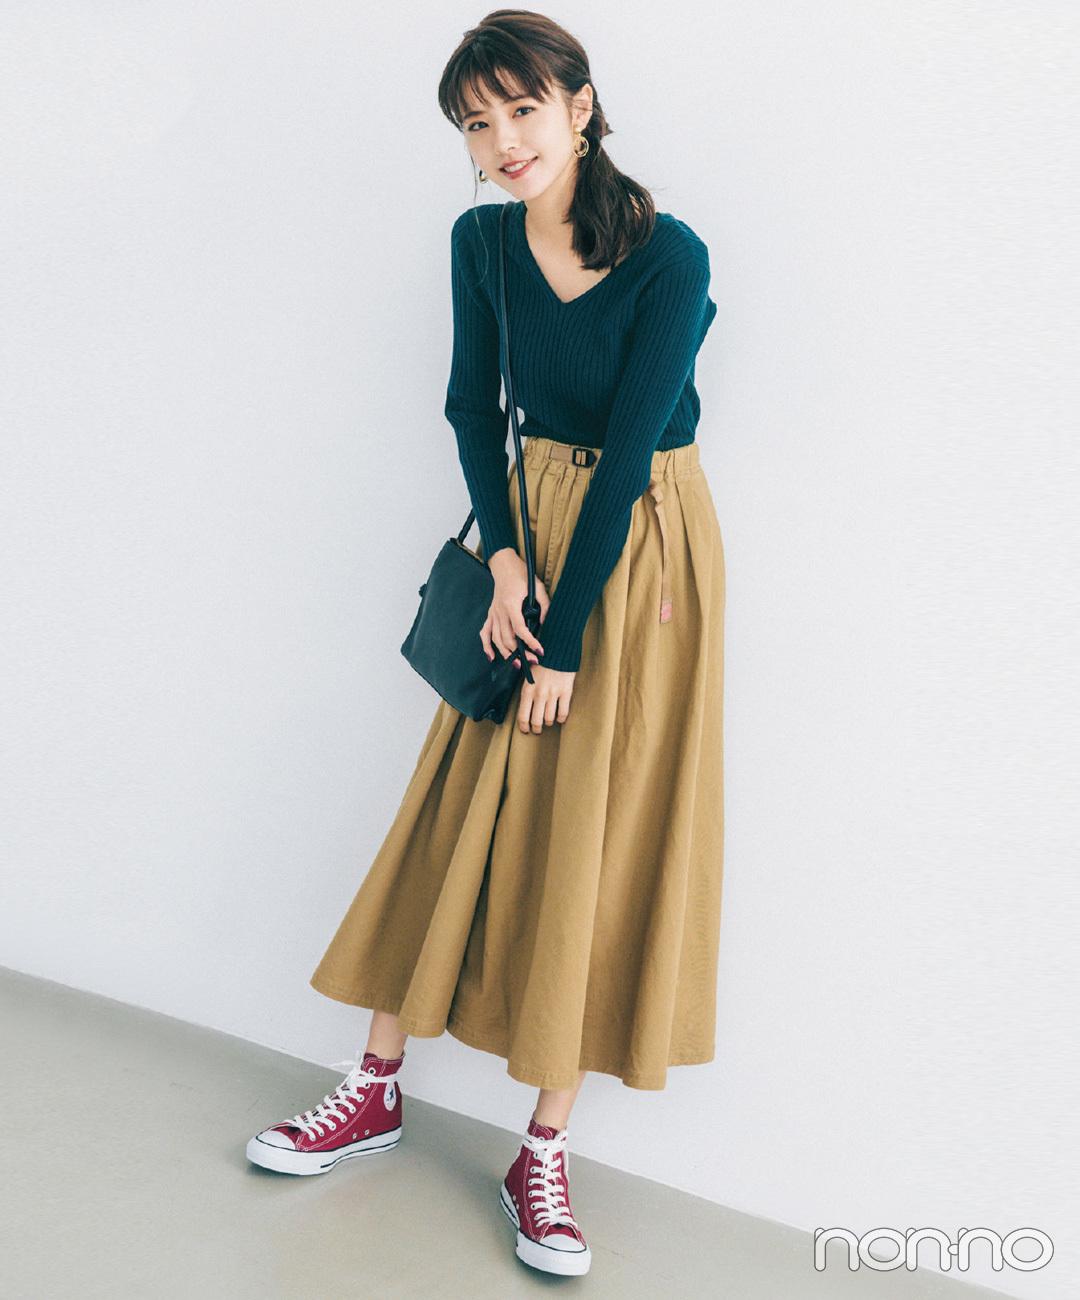 【きれいめカジュアルコーデ】グリーンのVネックニット×チノスカートでシンプルコーデ